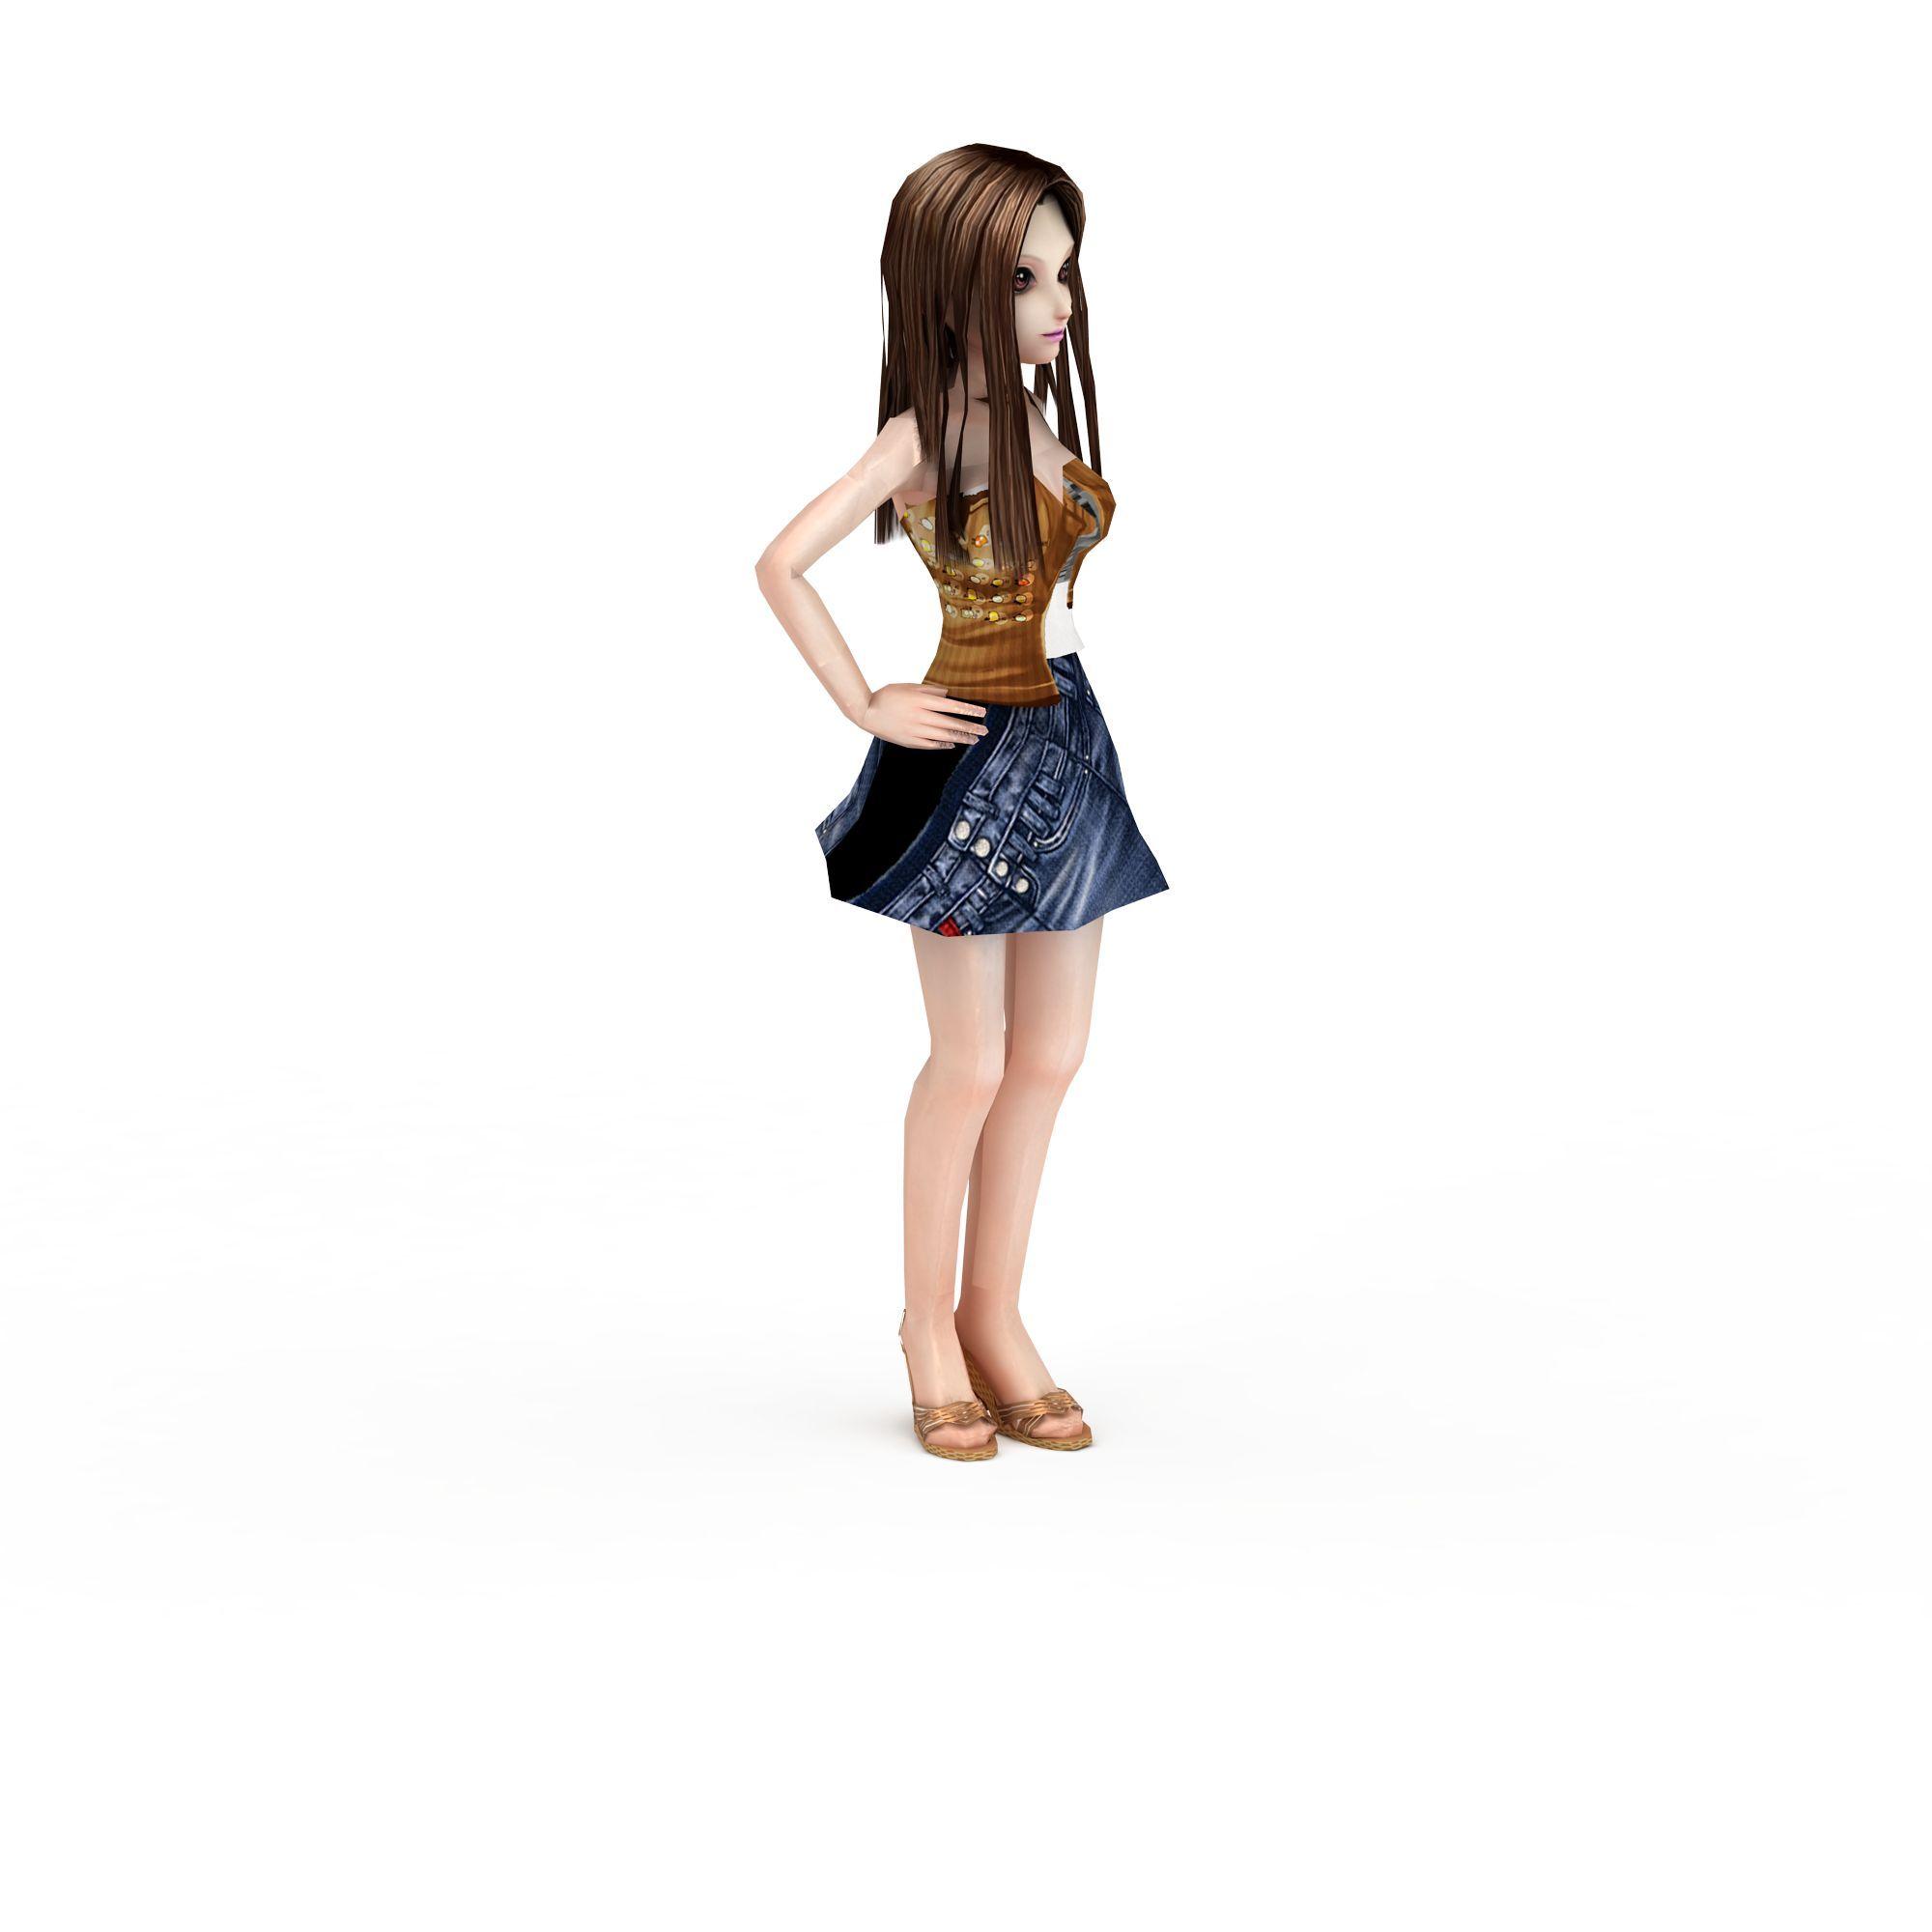 3d模型下载 人物3d模型 多人 卡通长发少女3d模型 卡通长发少女png